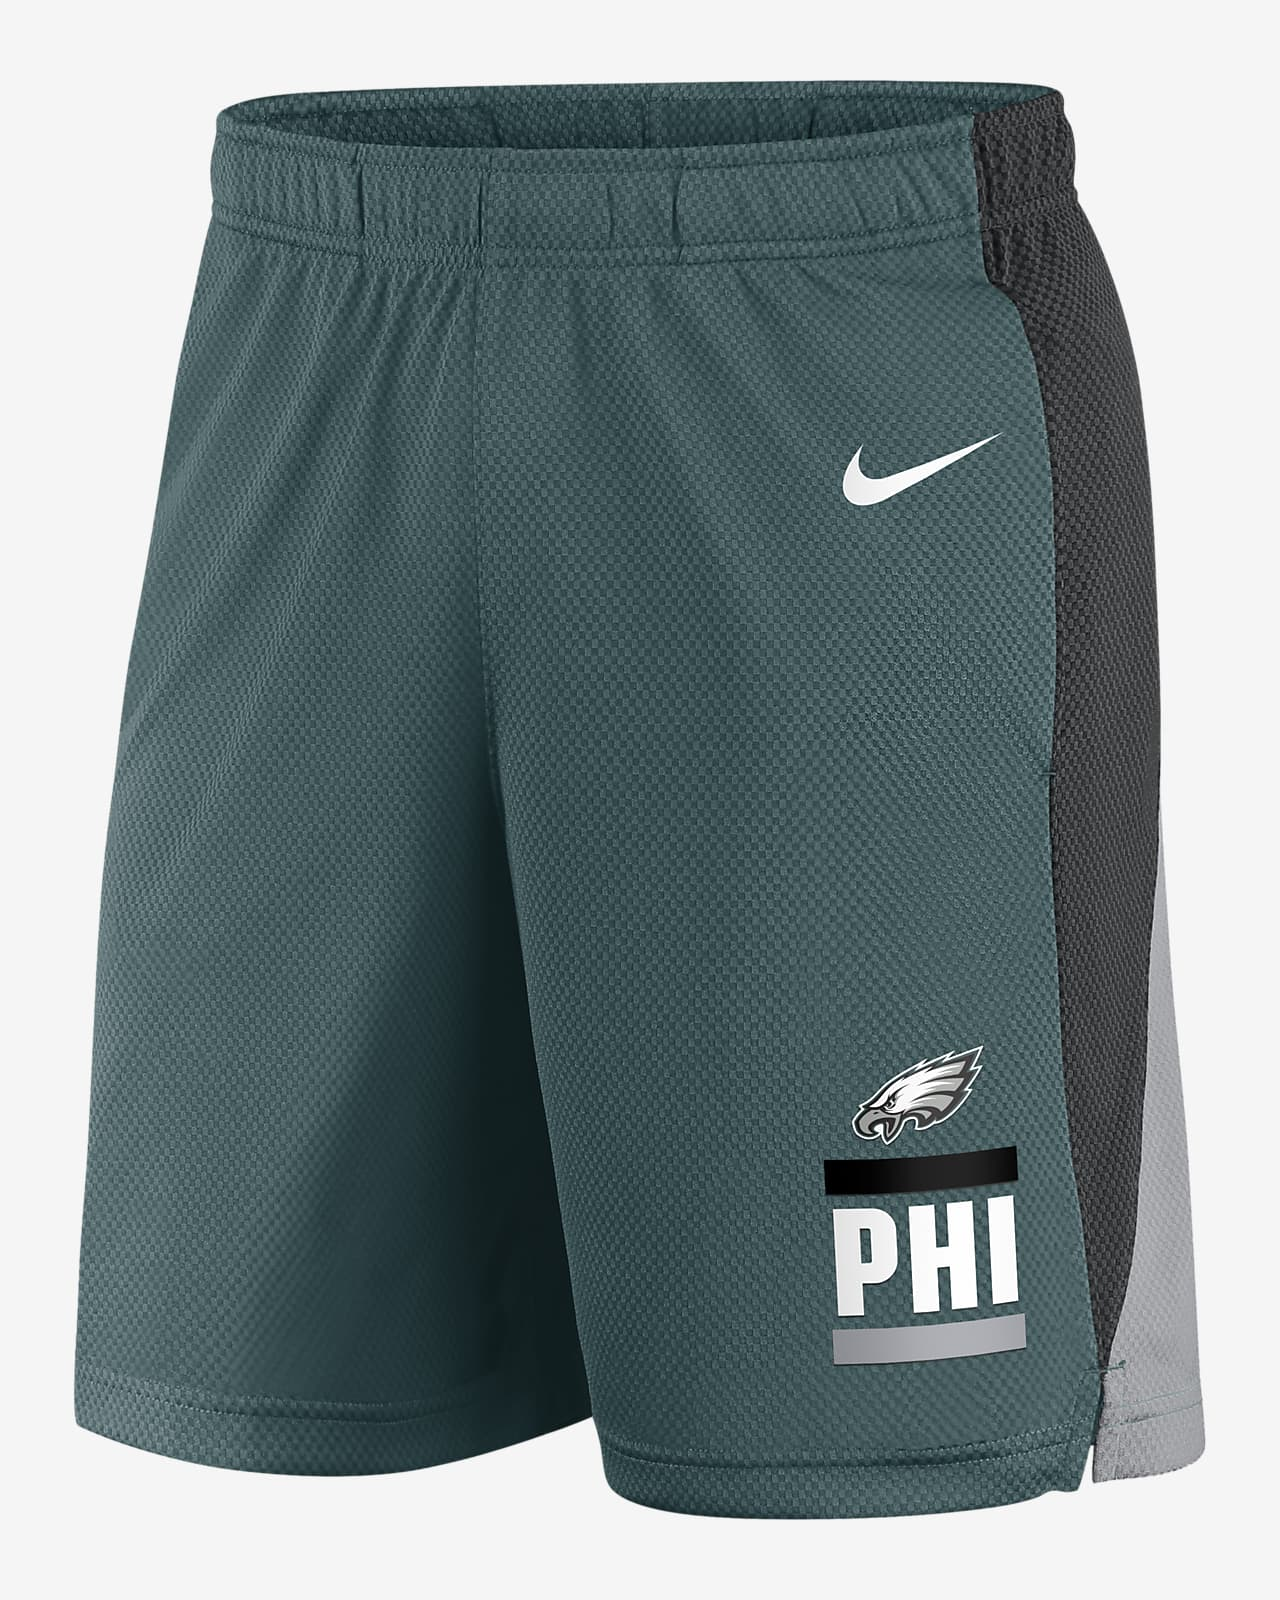 Nike Dri-FIT Broadcast (NFL Philadelphia Eagles) Men's Shorts